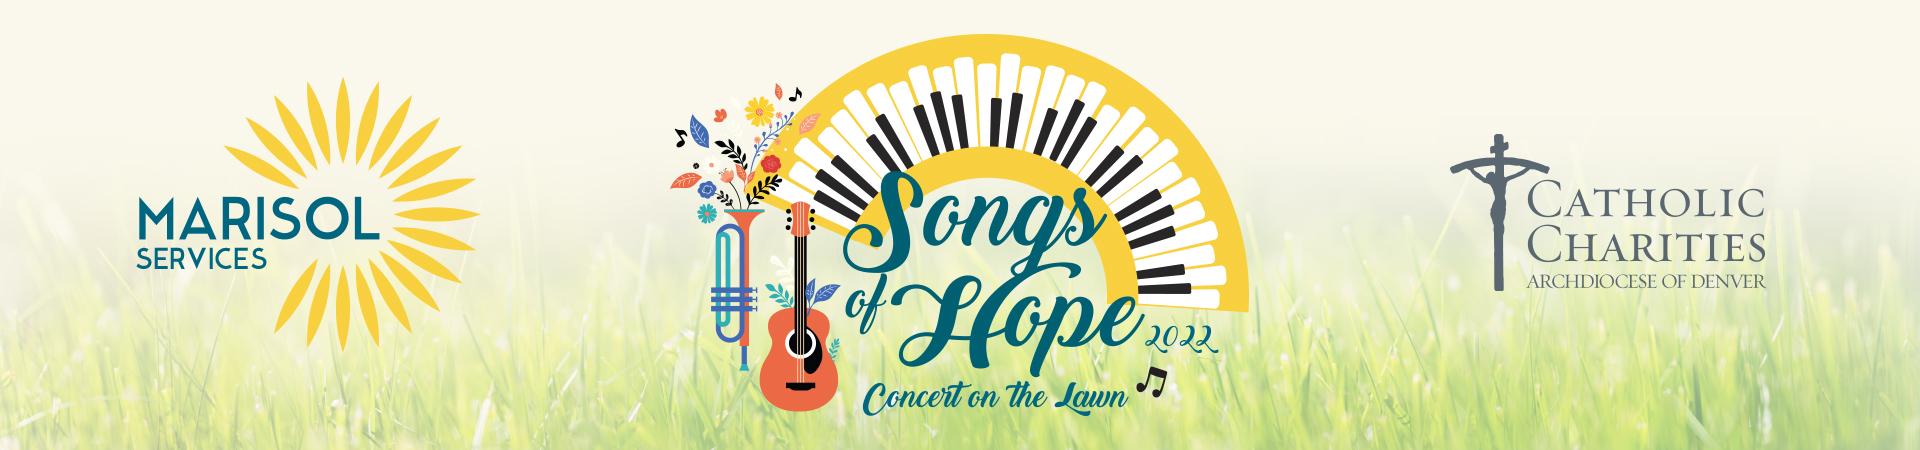 Songs of Hope 2022